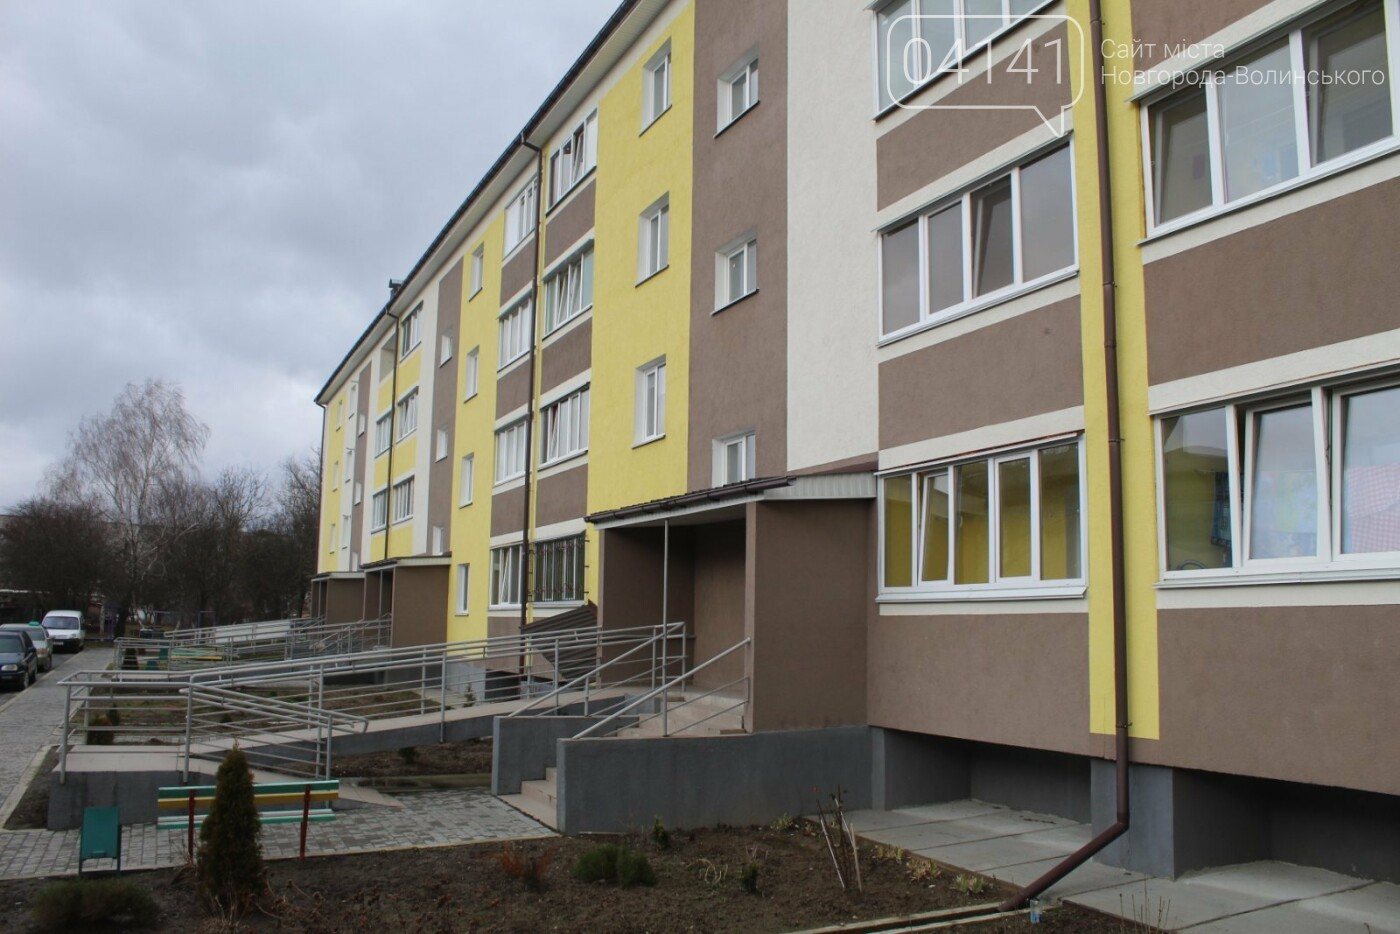 Як виглядають новобудови Новограда-Волинського (ФОТОРЕПОРТАЖ), фото-7